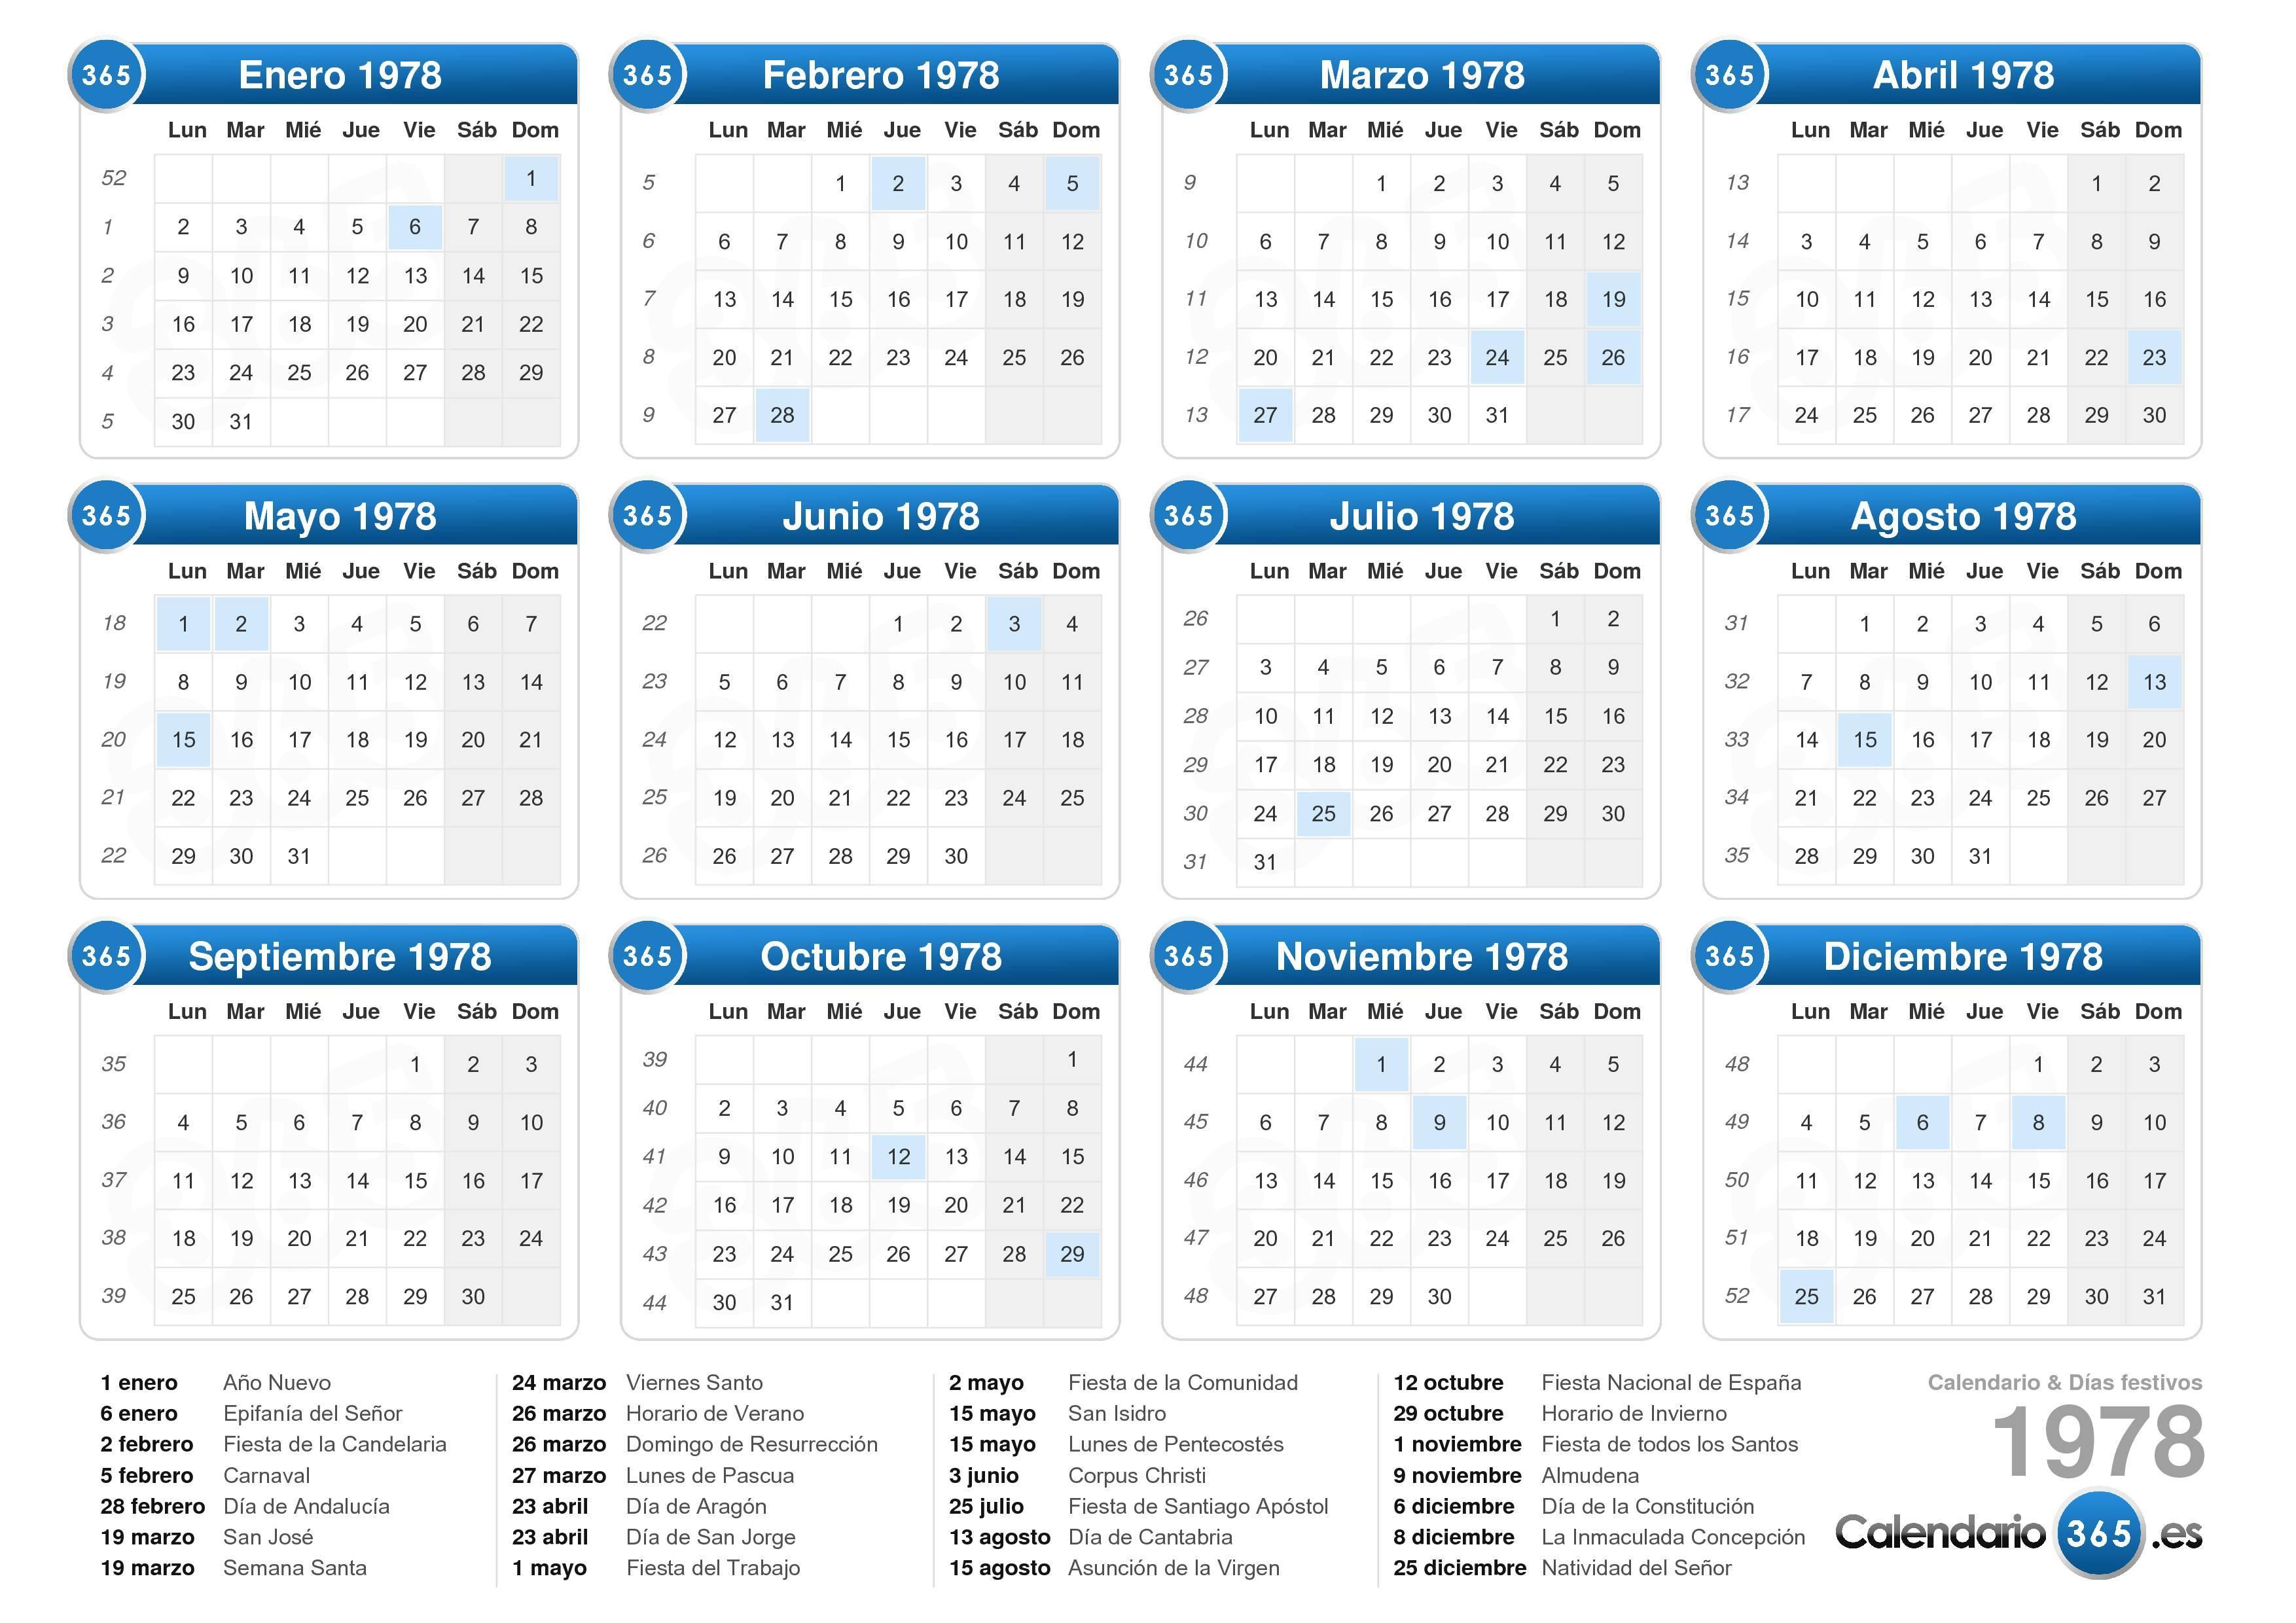 Calendario Enero 1978.Calendario 1978